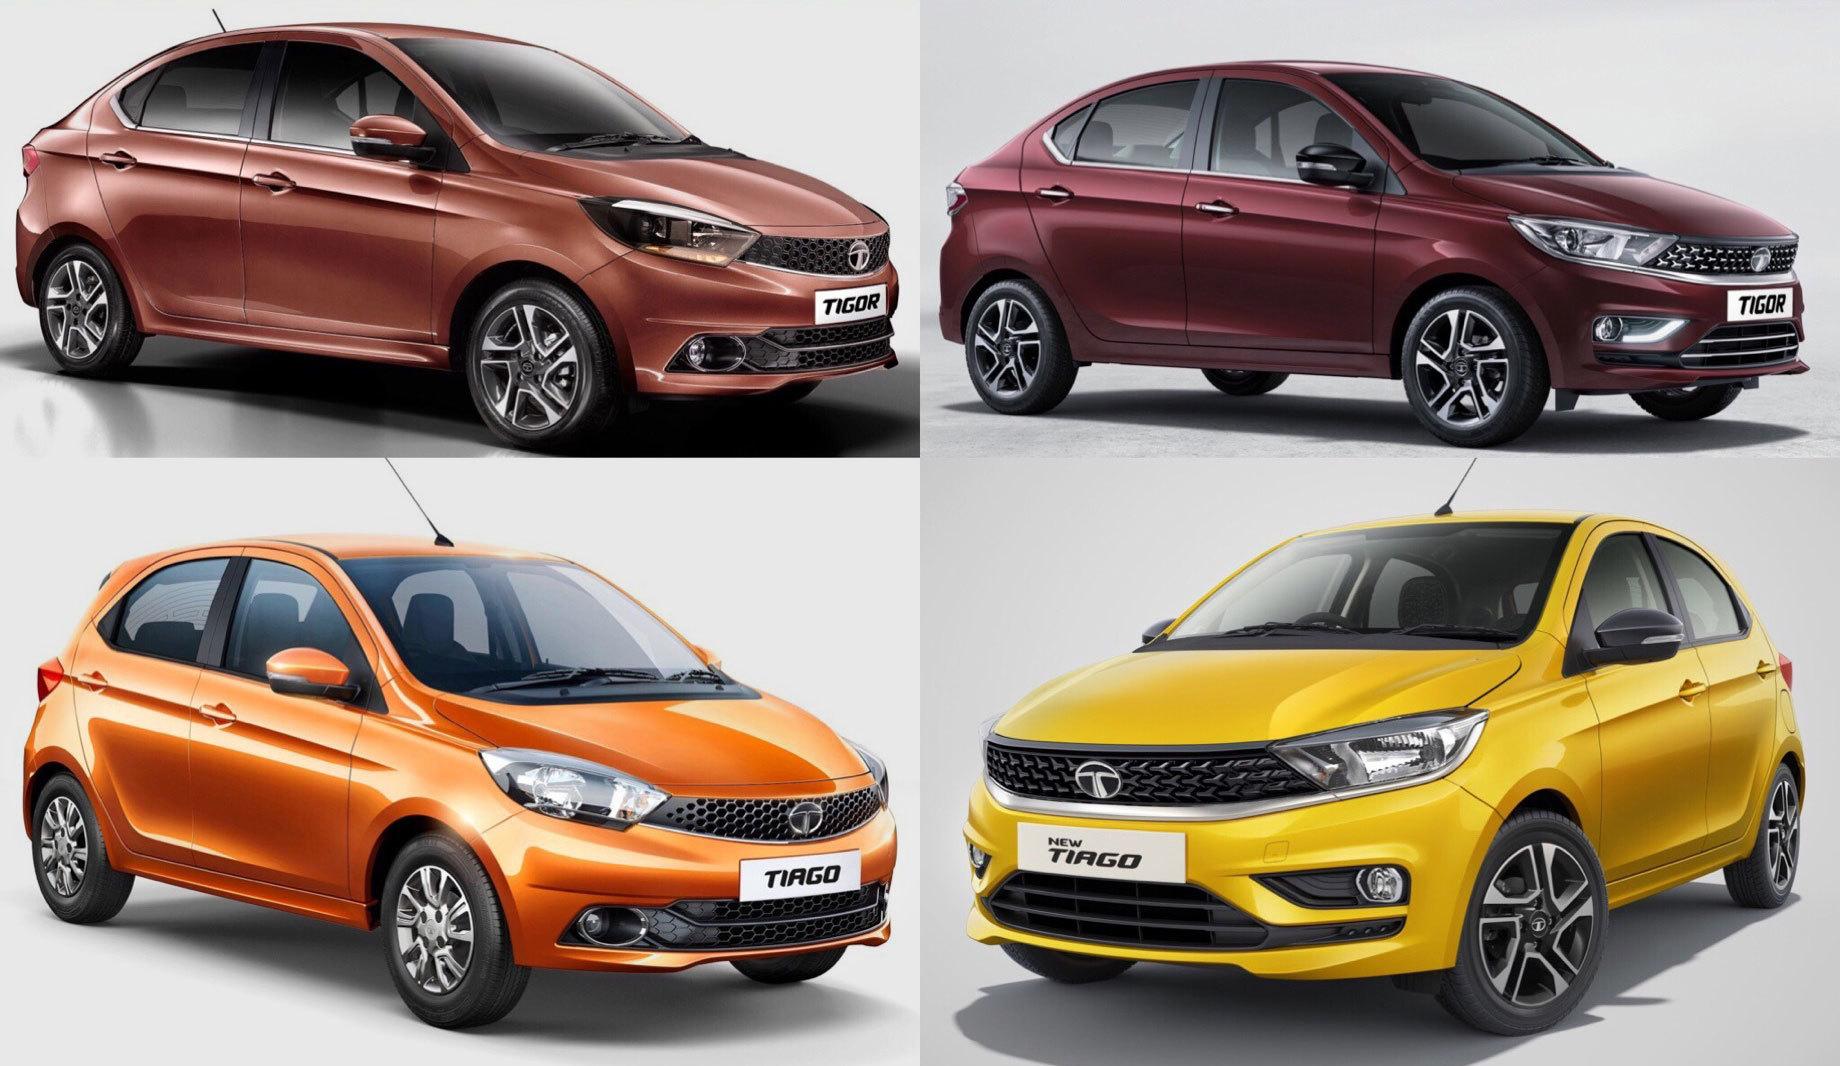 Индийская Tata Motors обновила модели Nexon, Tiago и Tigor